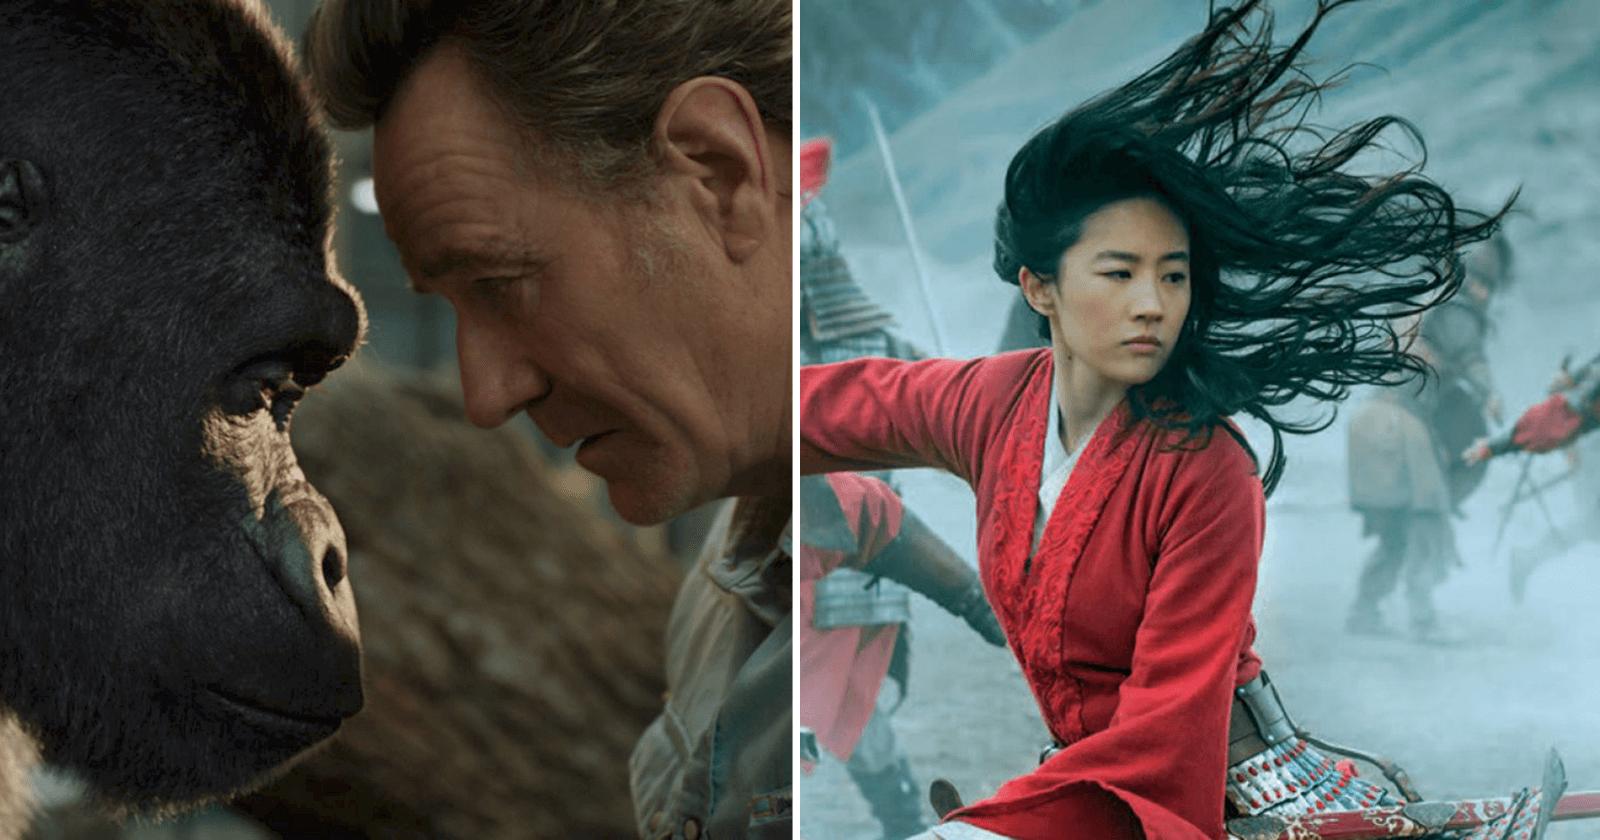 15 filmes da Disney super esperados para 2020 (lista dos que já estão disponíveis)